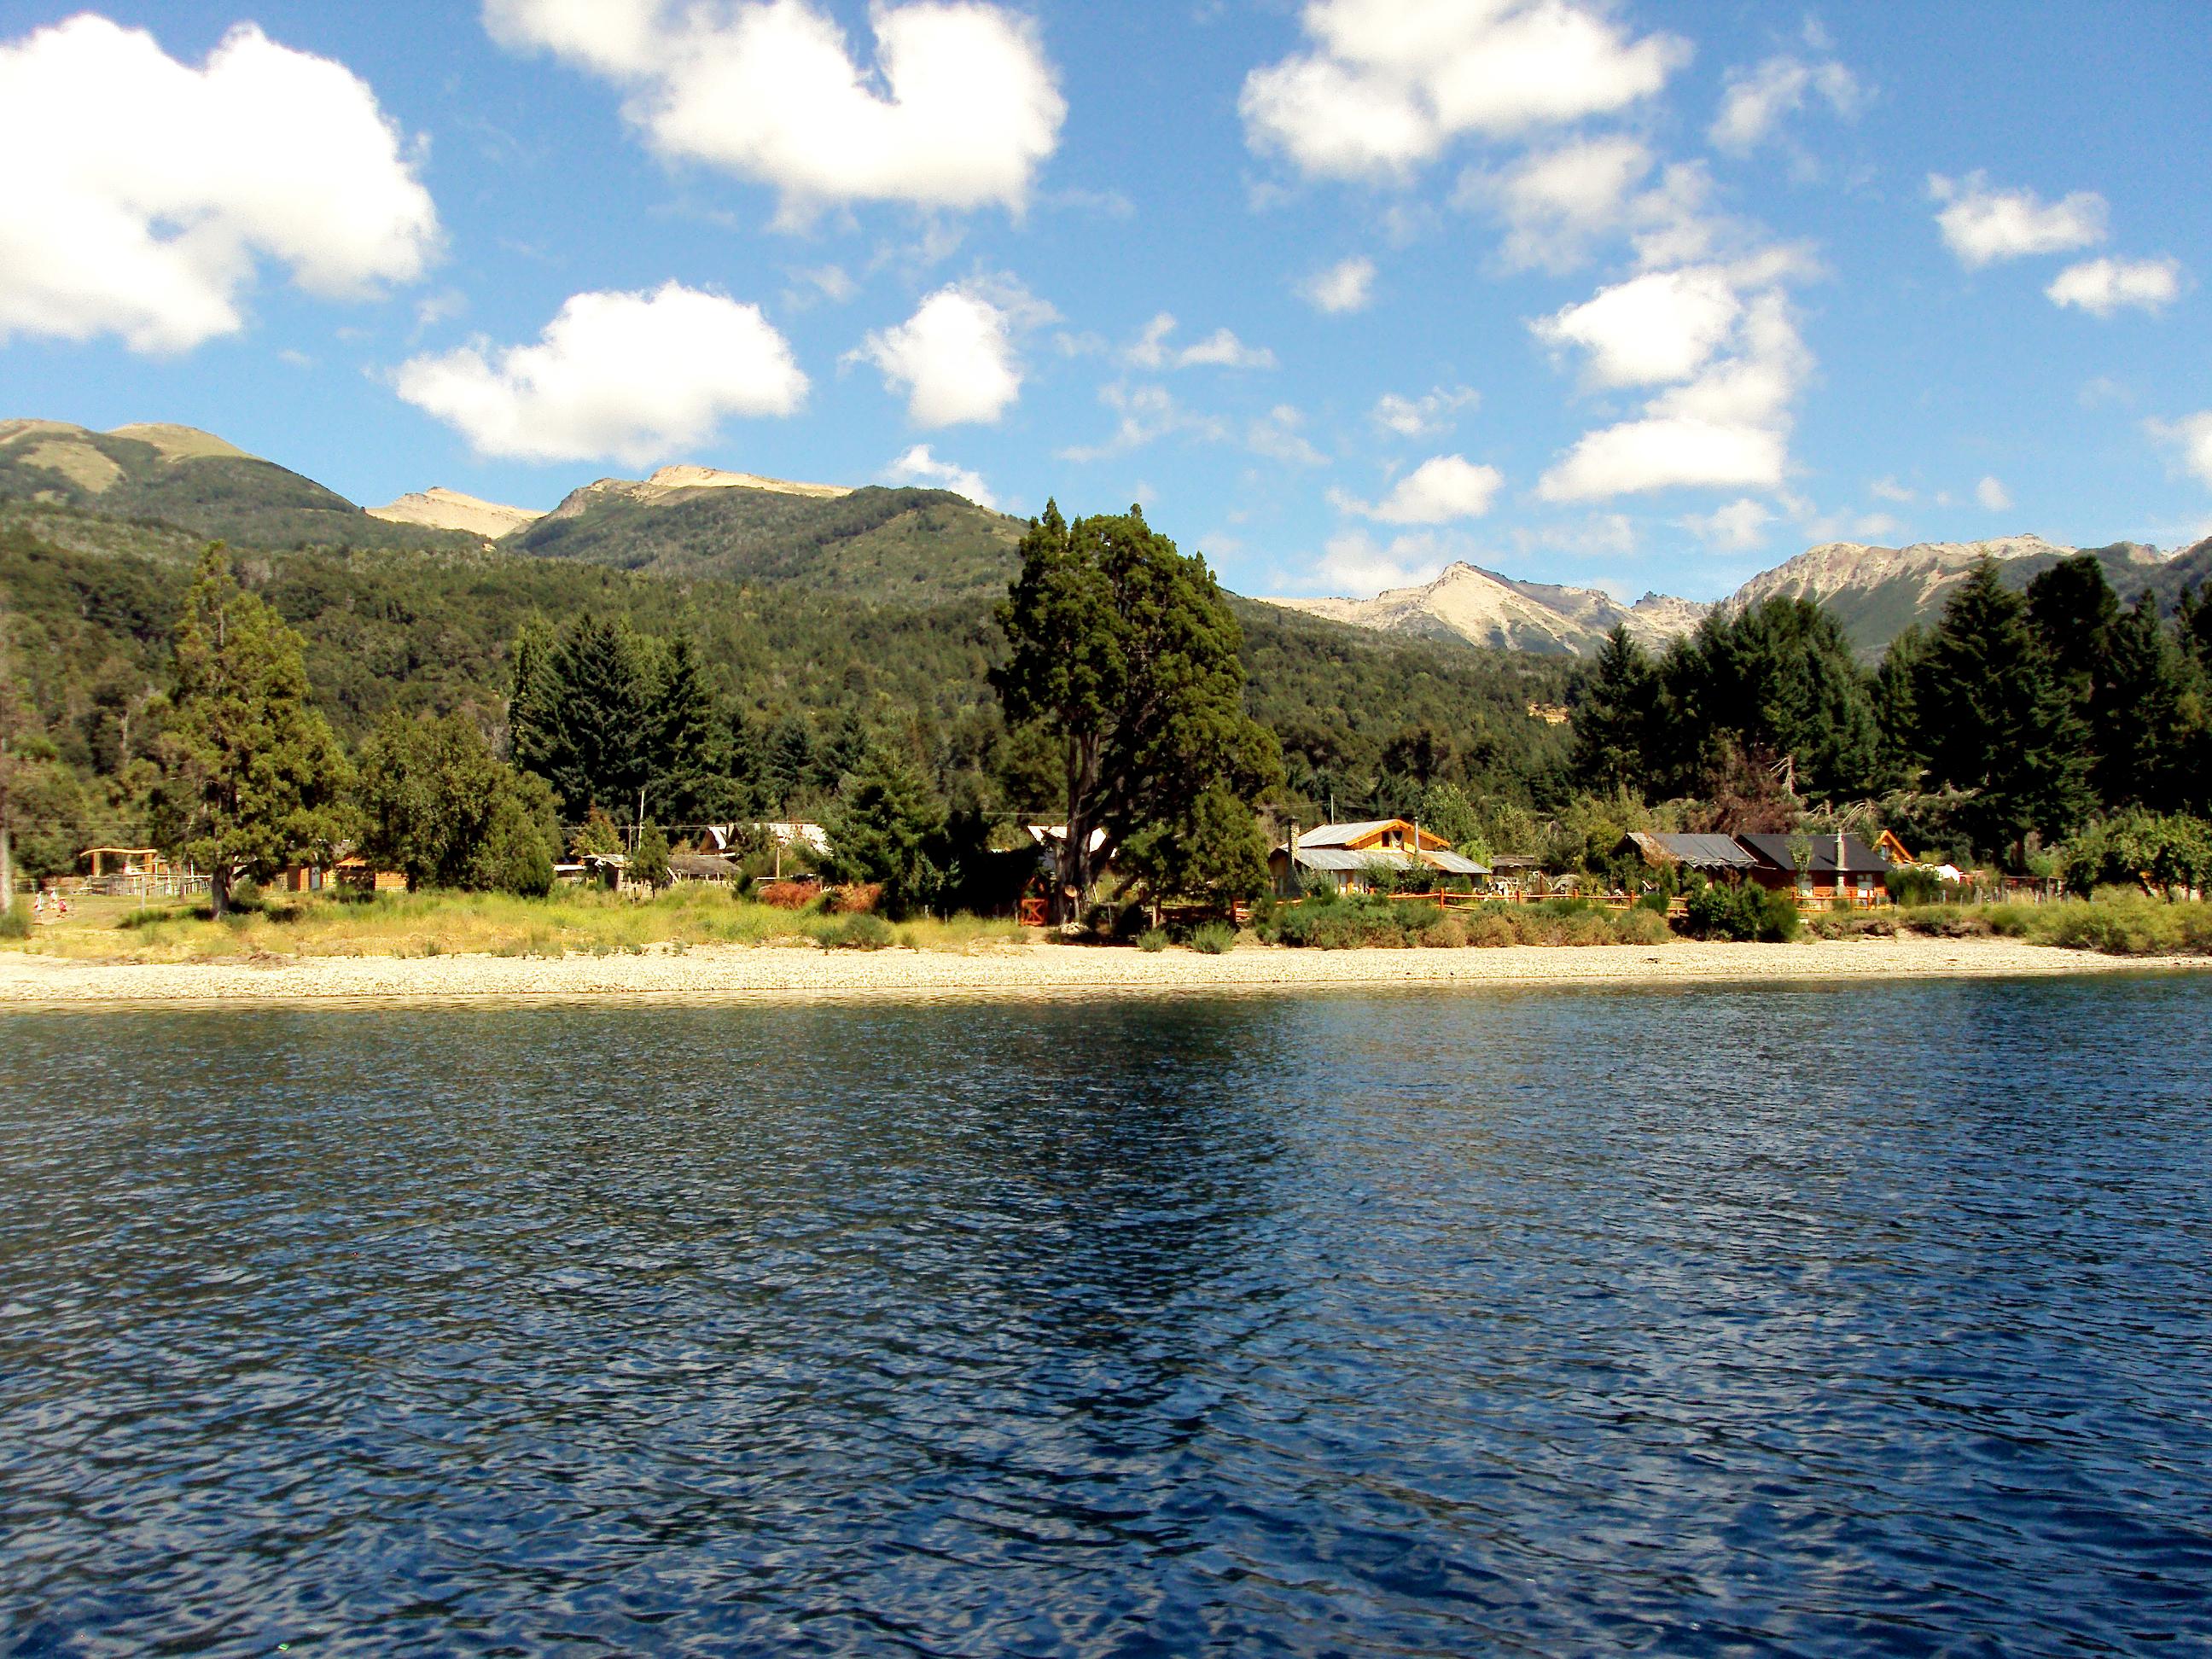 Villa Traful - Ruta de los Siete Lagos - Argentina - Wikimedia Commons - Luis Carrera